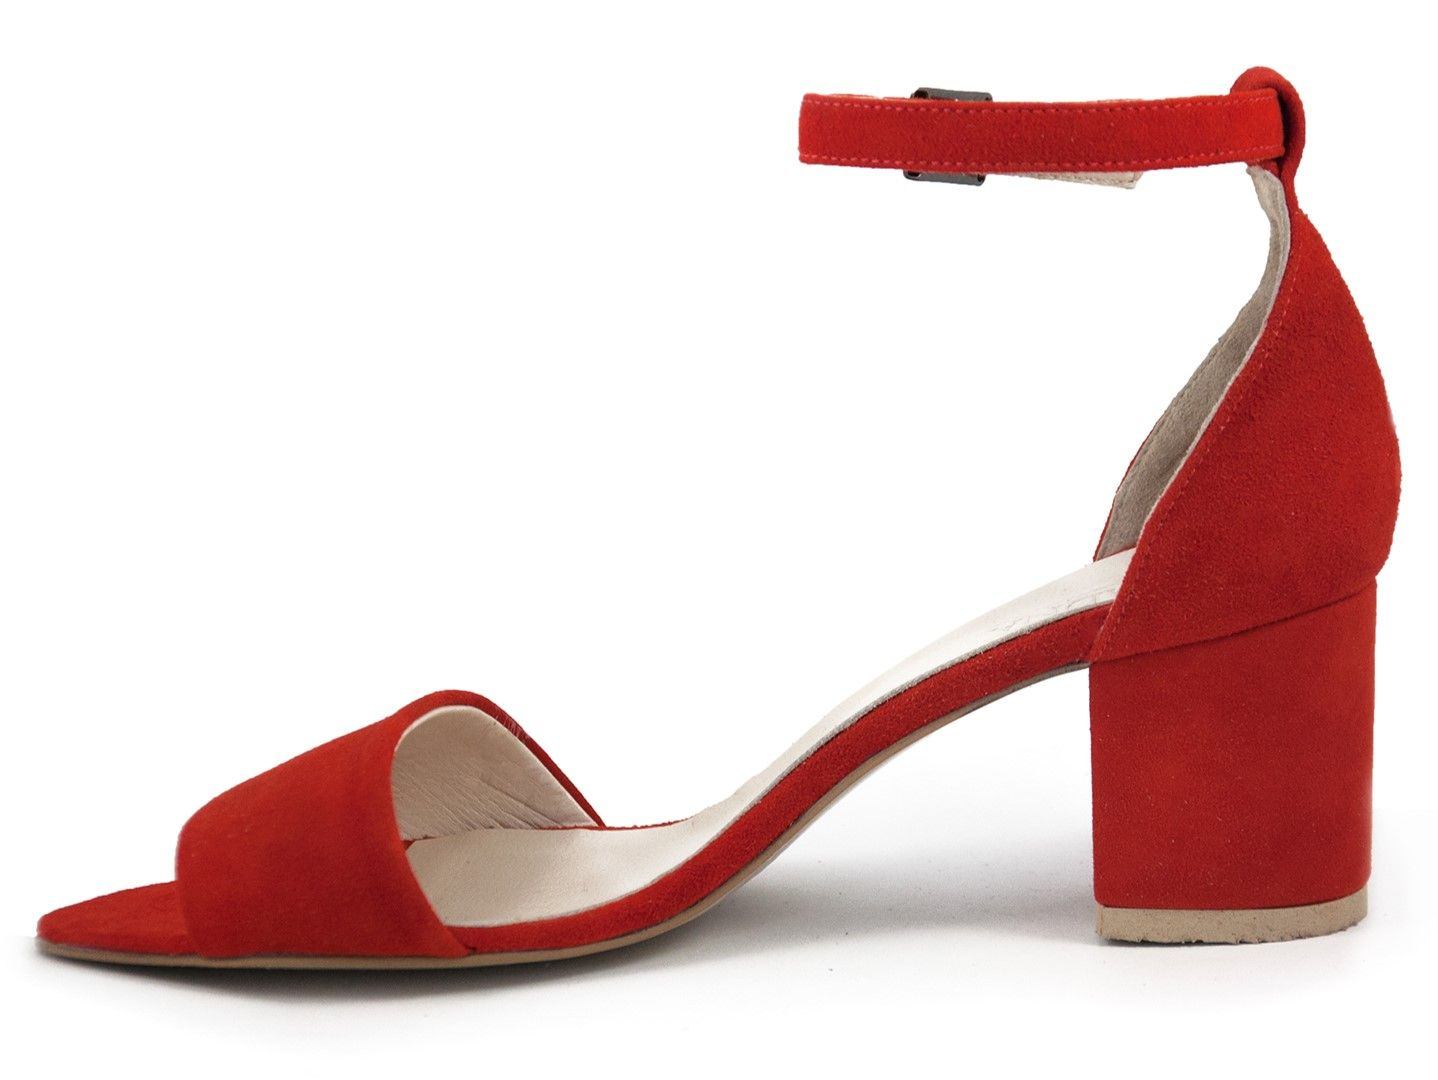 Босоніжки червоні купити в інтернет-магазині Wladna. Замовити ... 1900c8a7dcca1